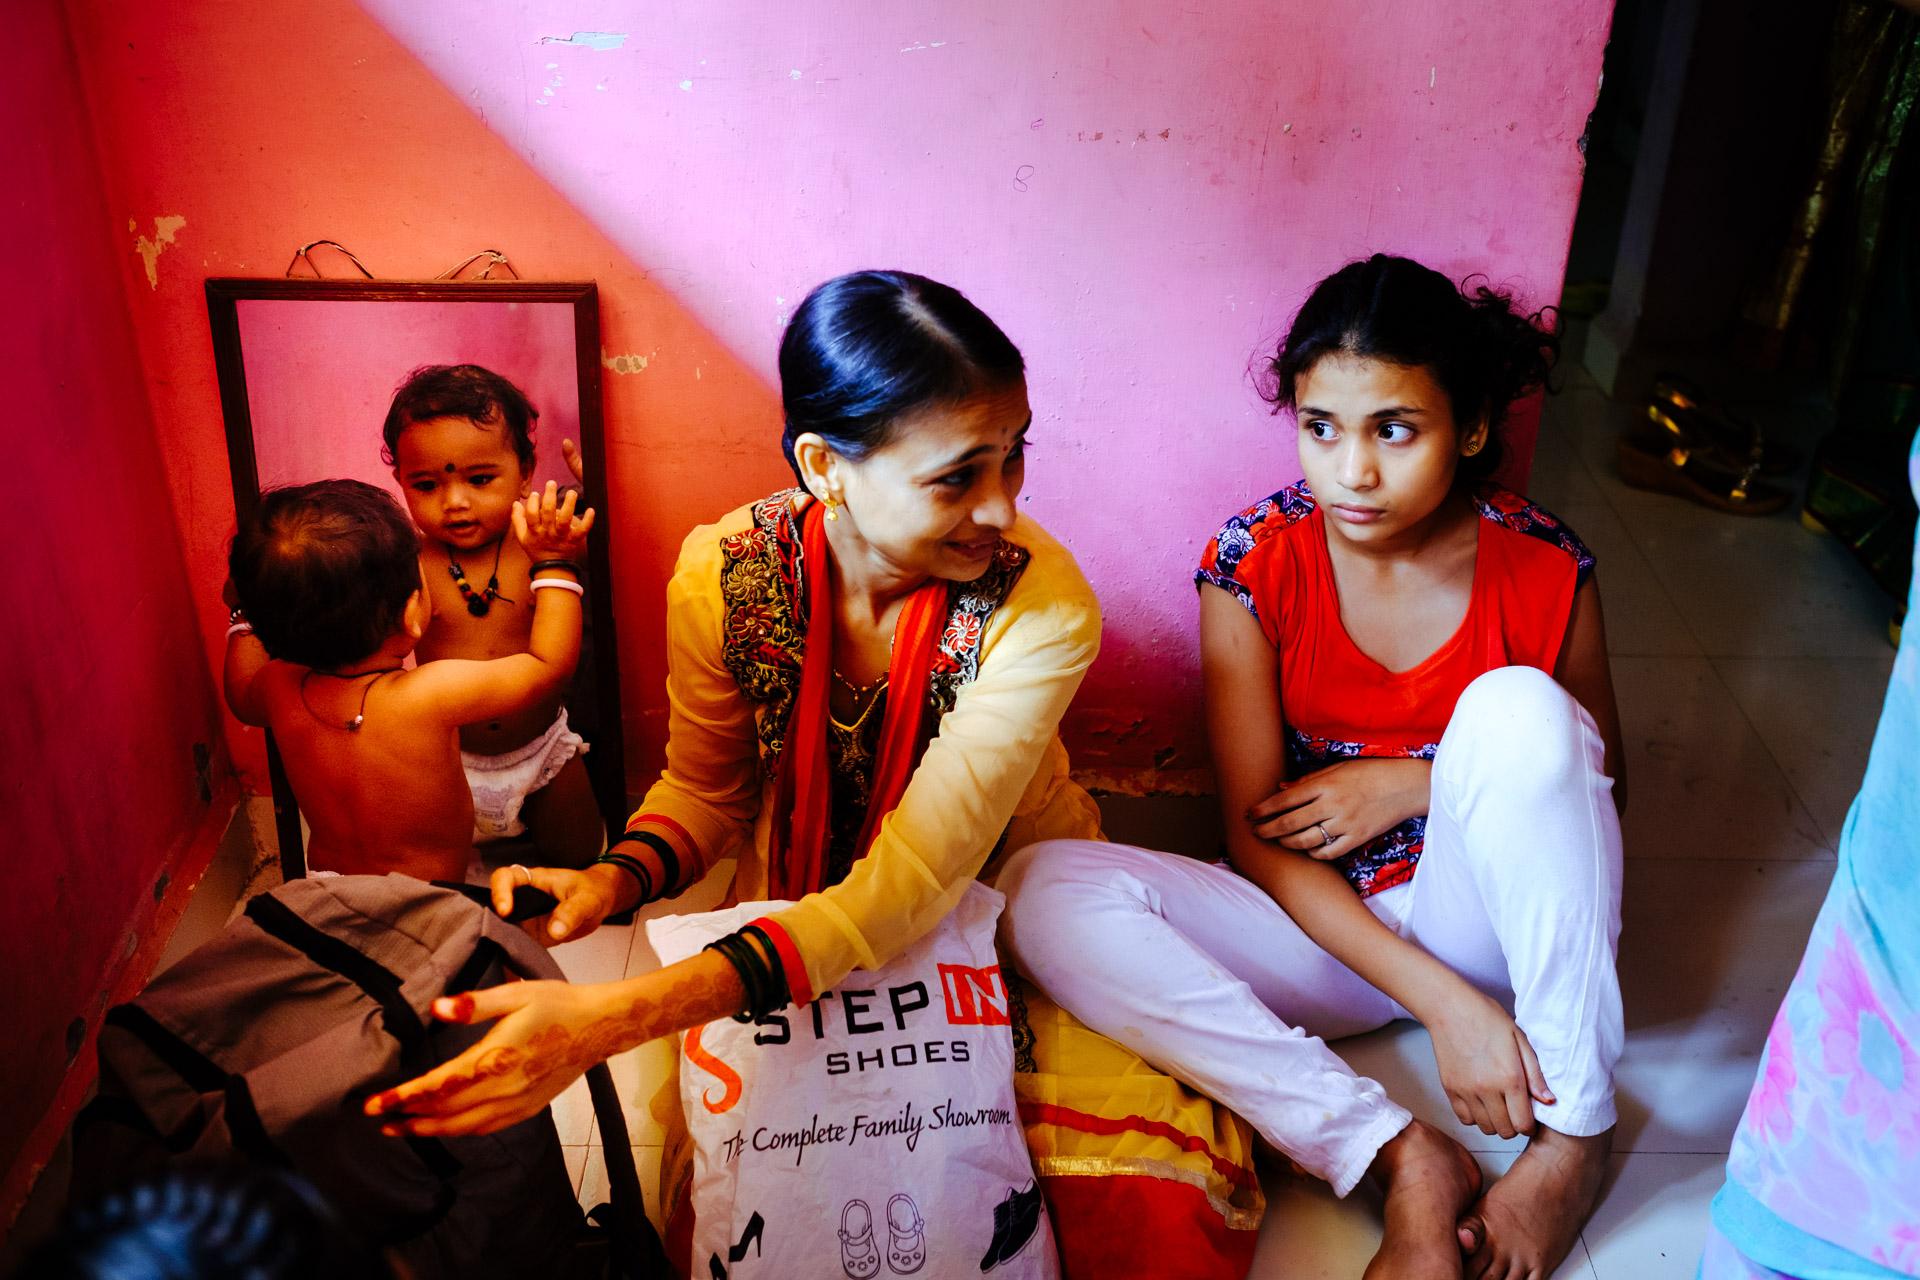 wedding_in_mumbai-22.jpg